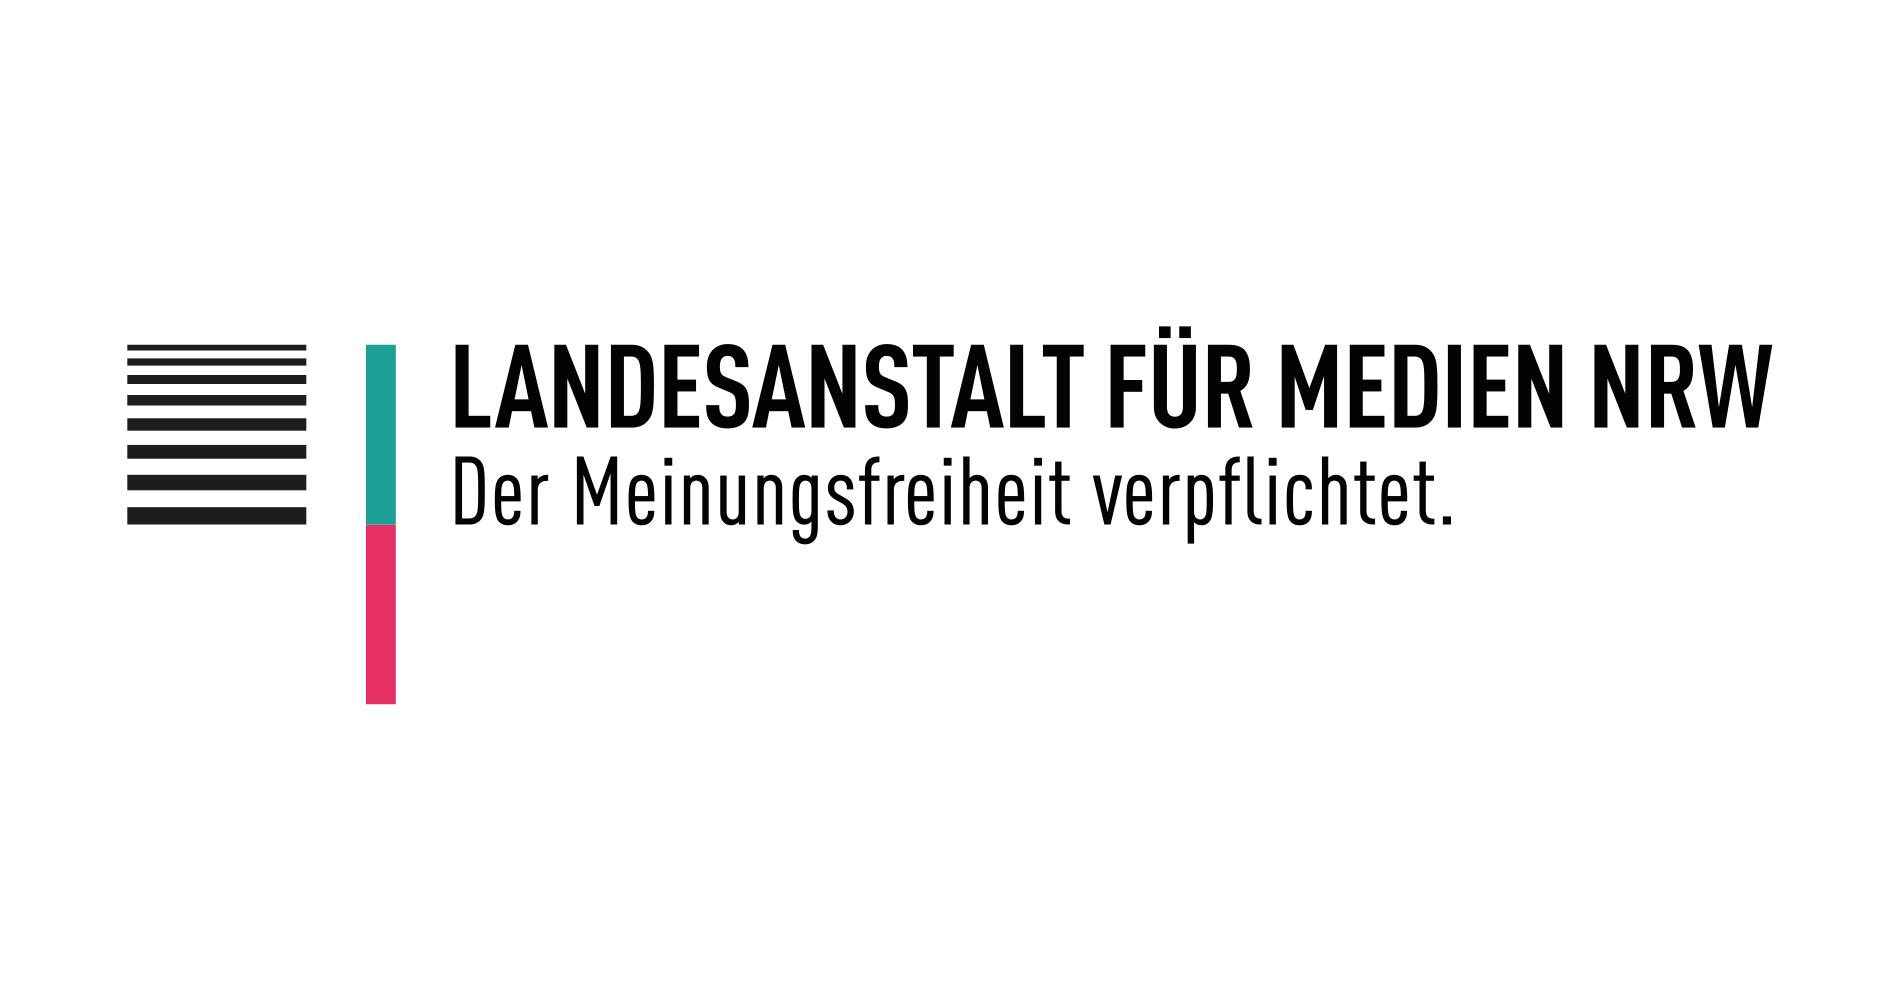 Landesanstalt für Medien NRW - Landesanstalt für Medien NRW